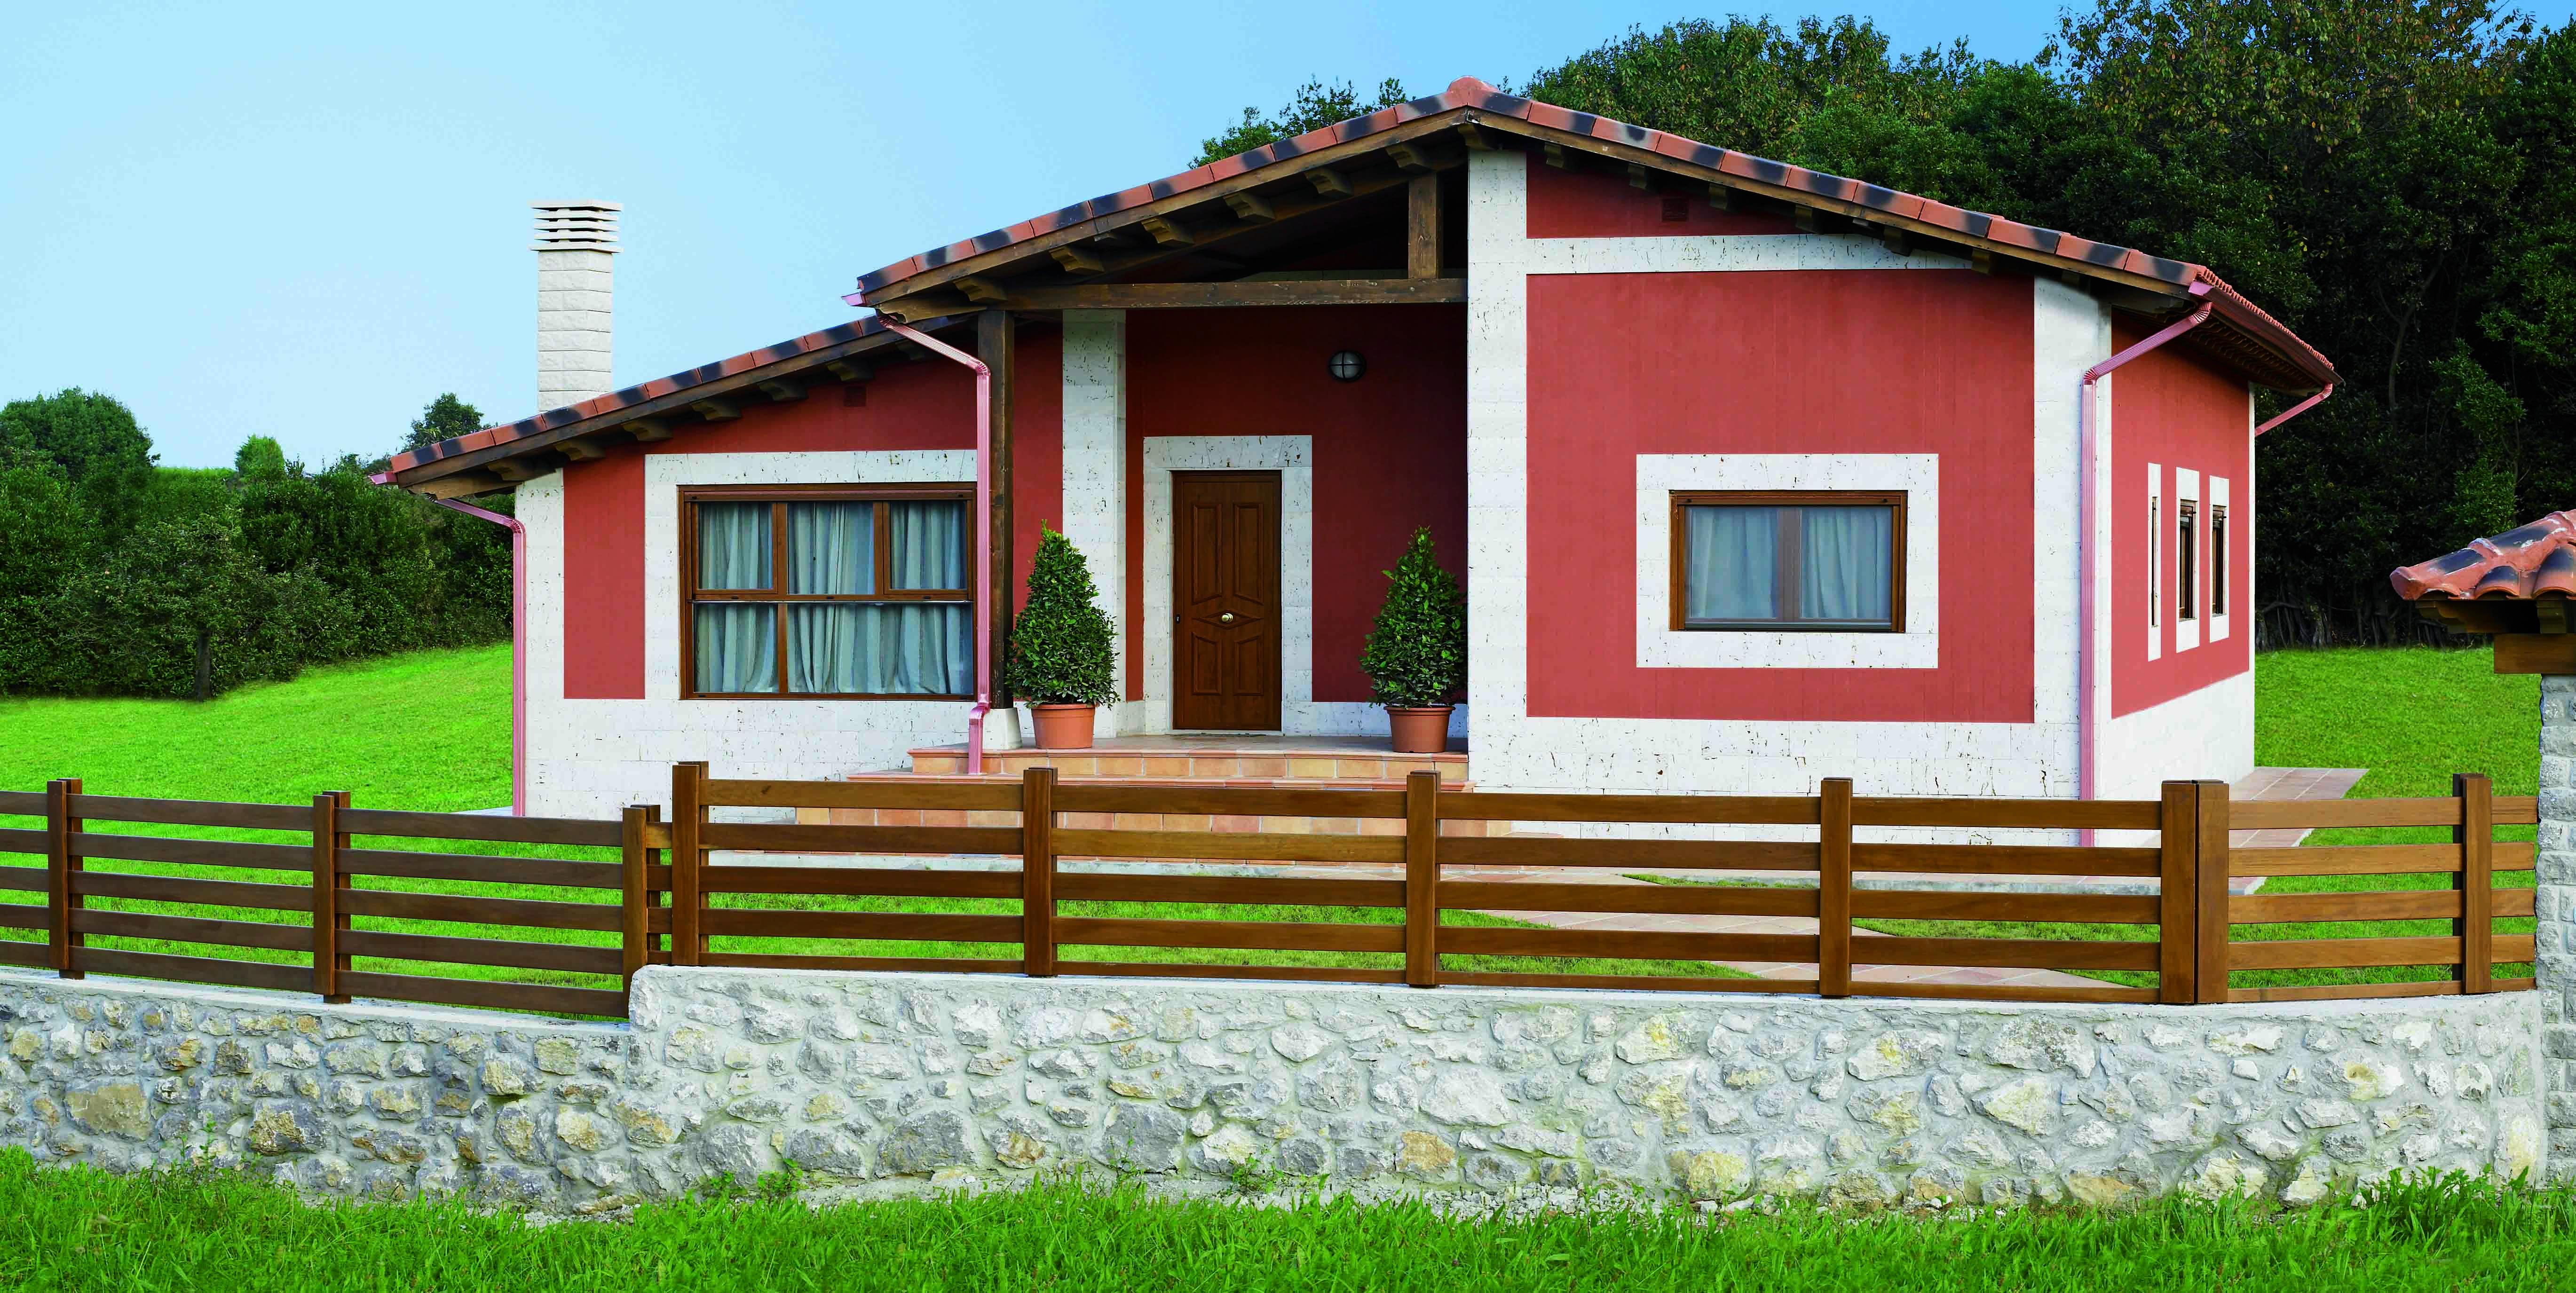 Lo que tienes que saber para construir tu casa prefabricada eurocasa - Construir casa prefabricada ...